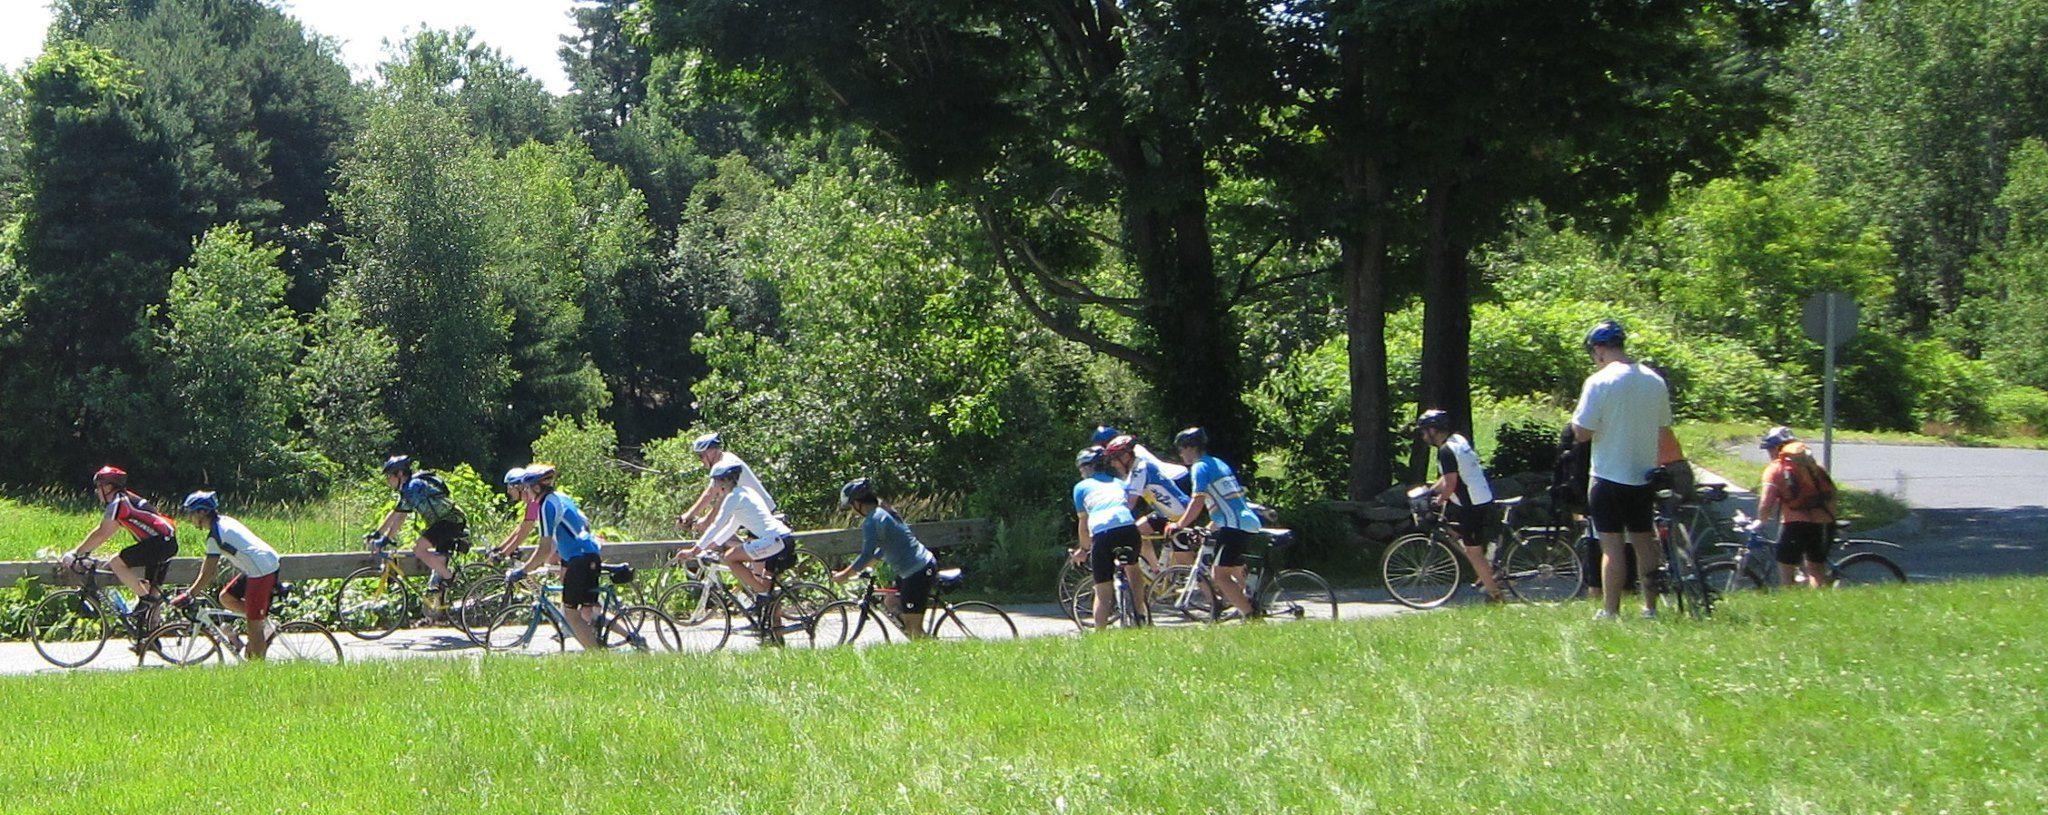 AMC Boston Bike Committee